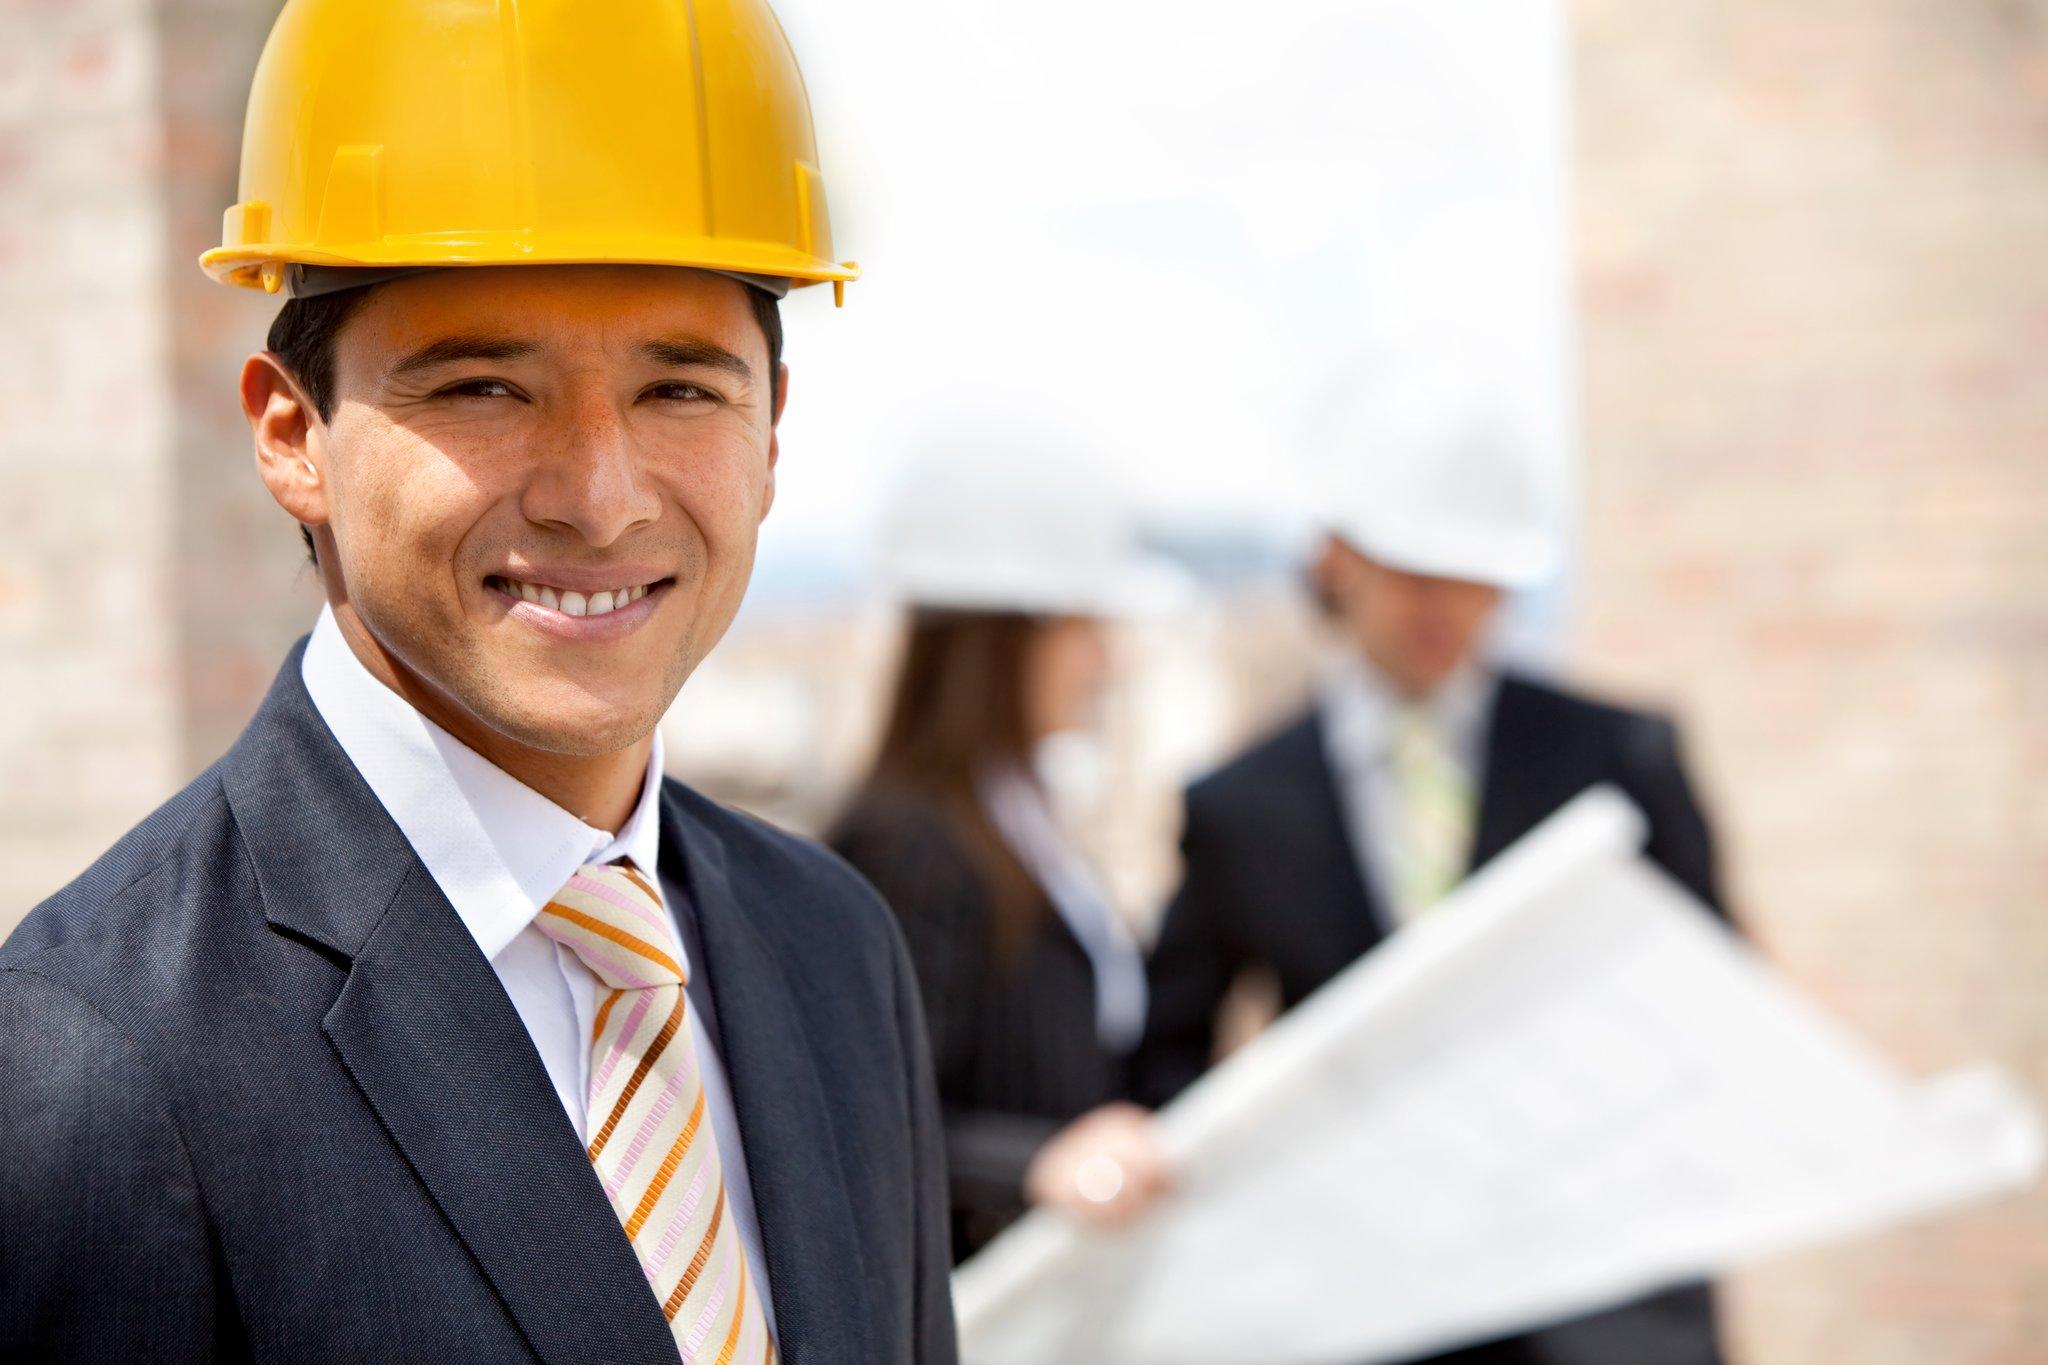 Уполномоченный по охране труда.Положение об уполномоченном по охране труда